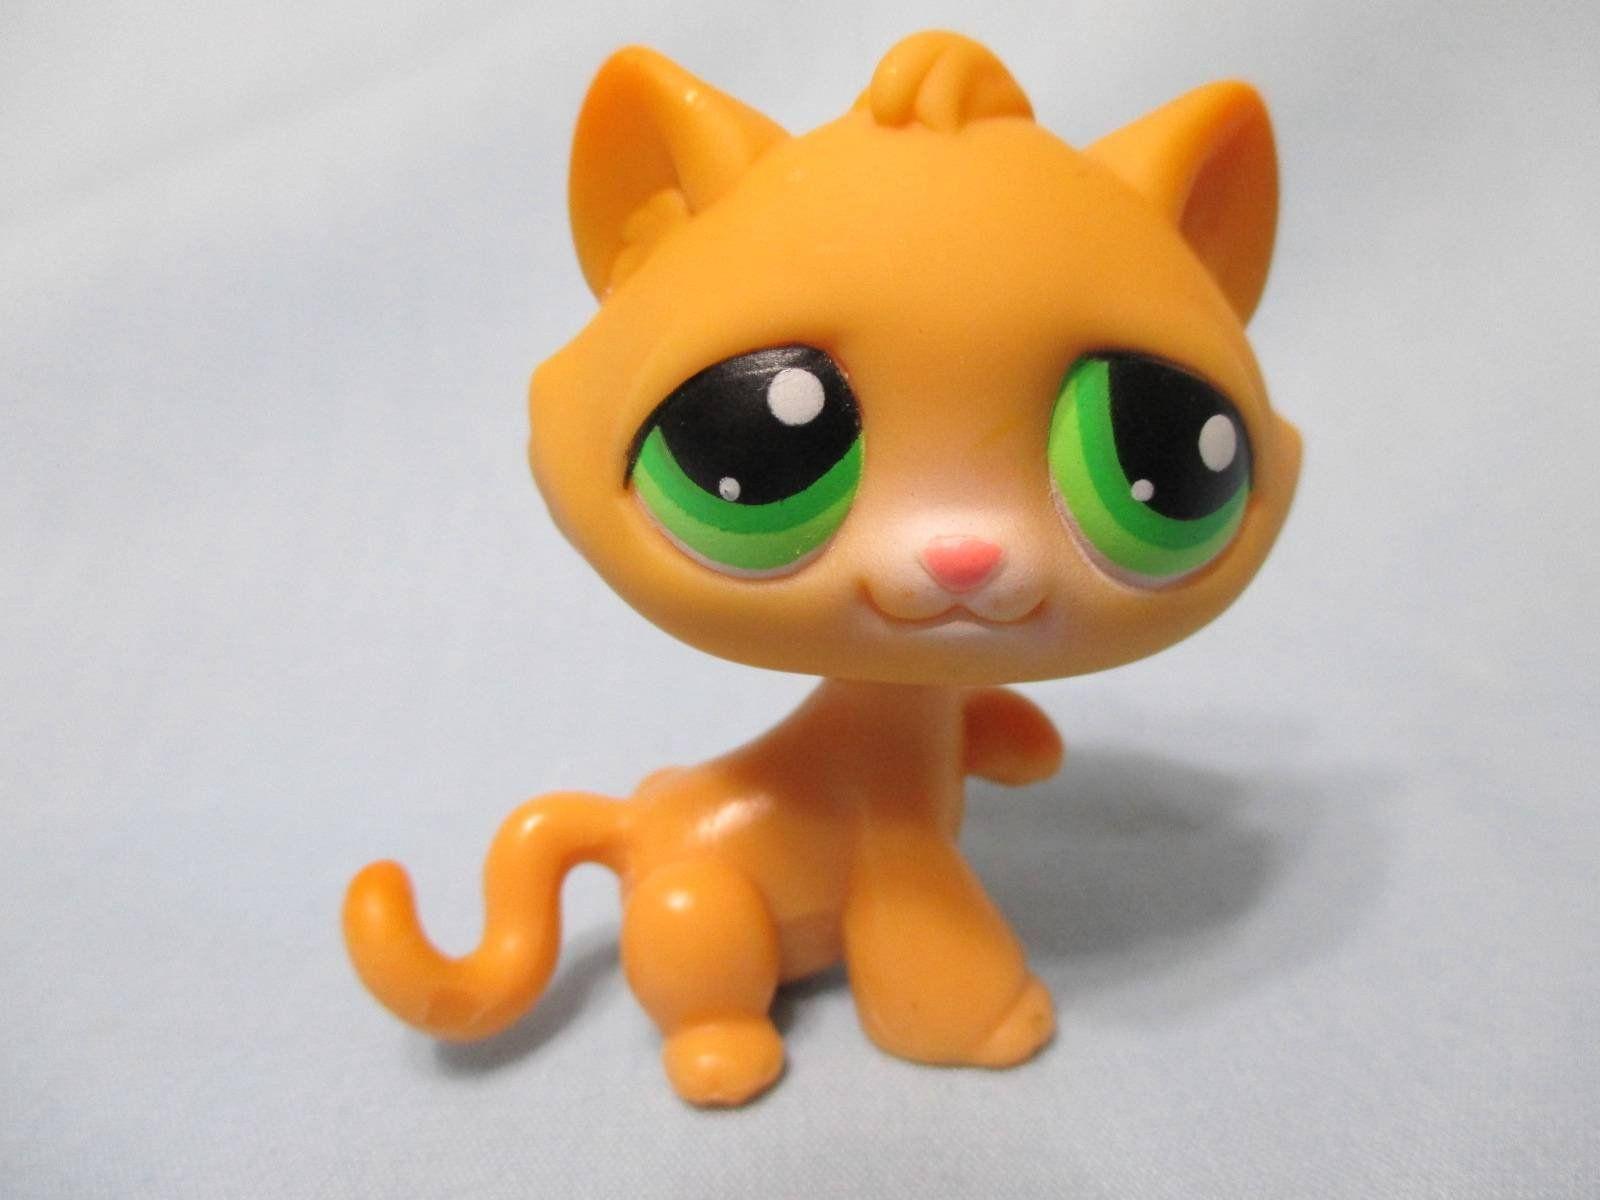 Littlest Pet Shop Cat Tabby Kitty Orange W Green Eyes Paw Up 110